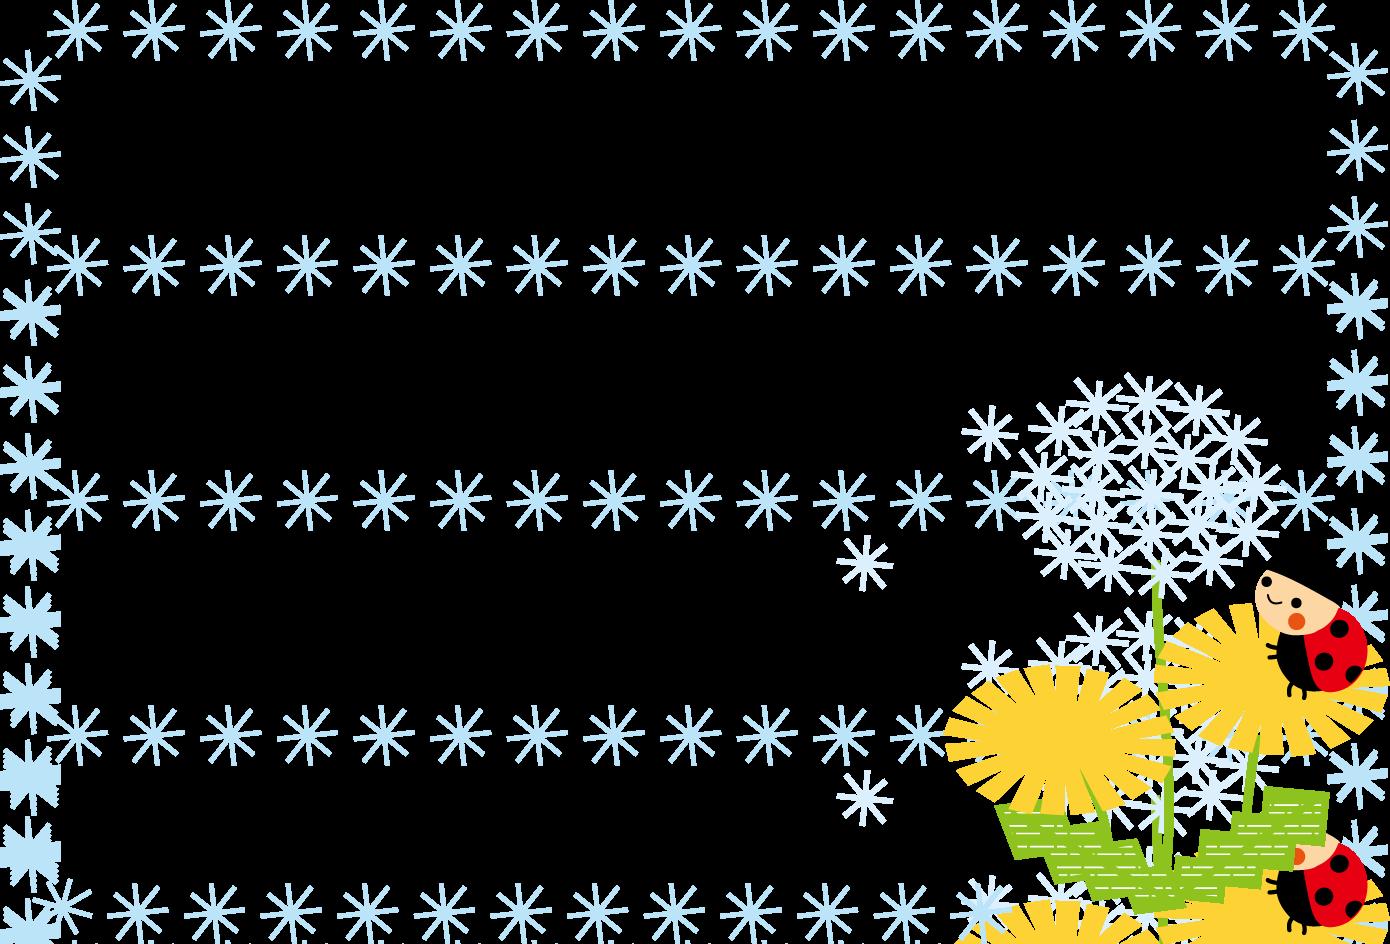 たんぽぽとてんとう虫のイラスト-無料イラスト/フリー素材